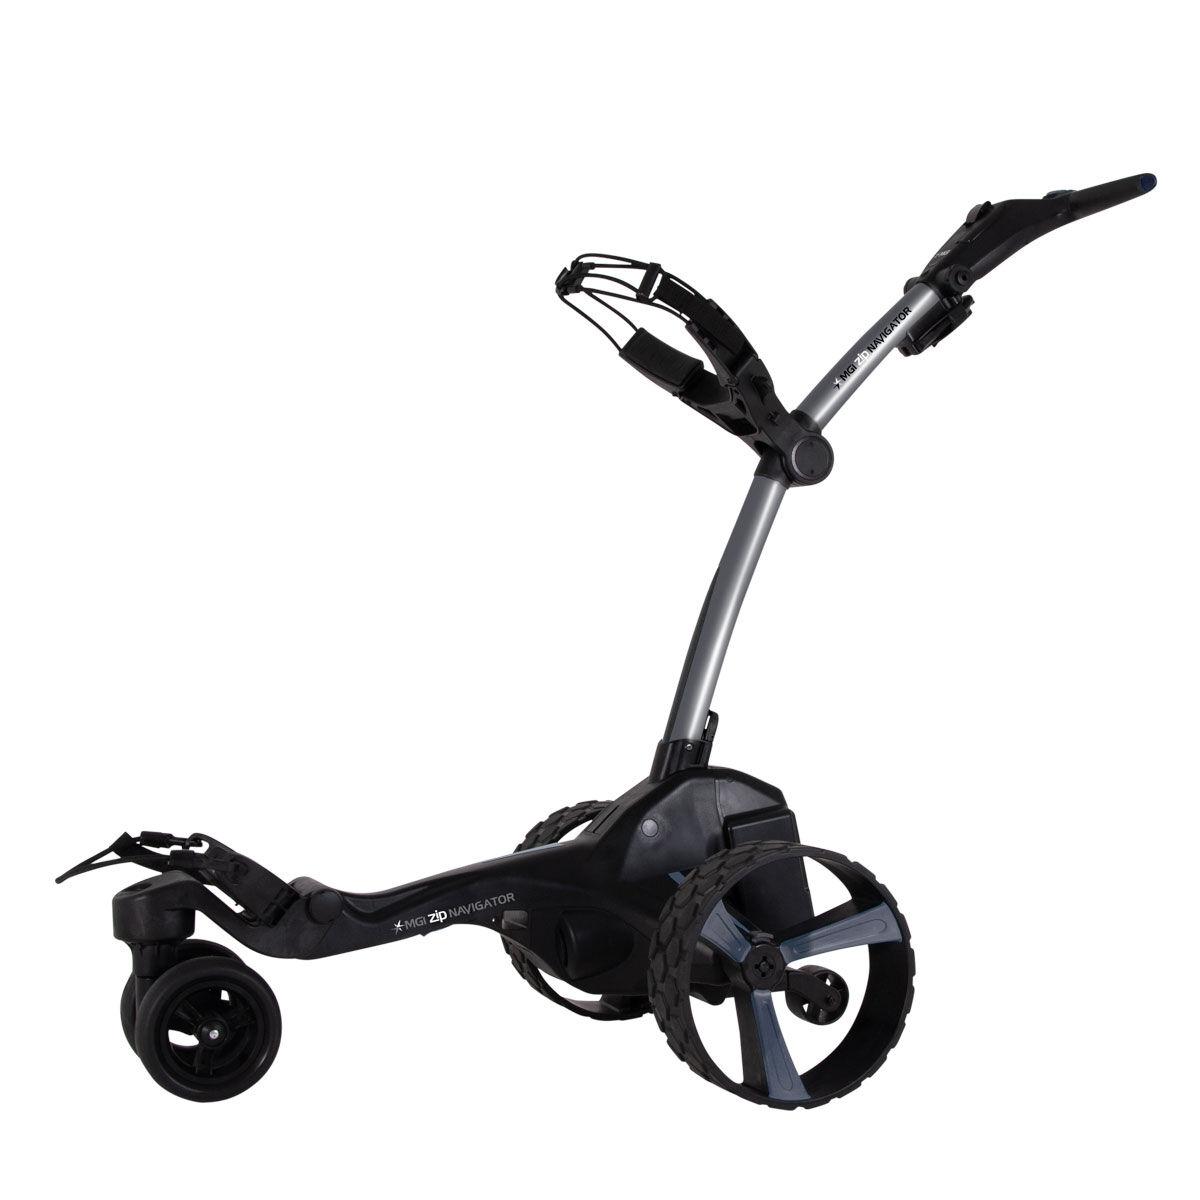 """MGI Golf Grey Zip Navigator Remote Control Lithium Electric Golf Trolley, Size: 27.55x18.5x16.5""""   American Golf   American Golf"""